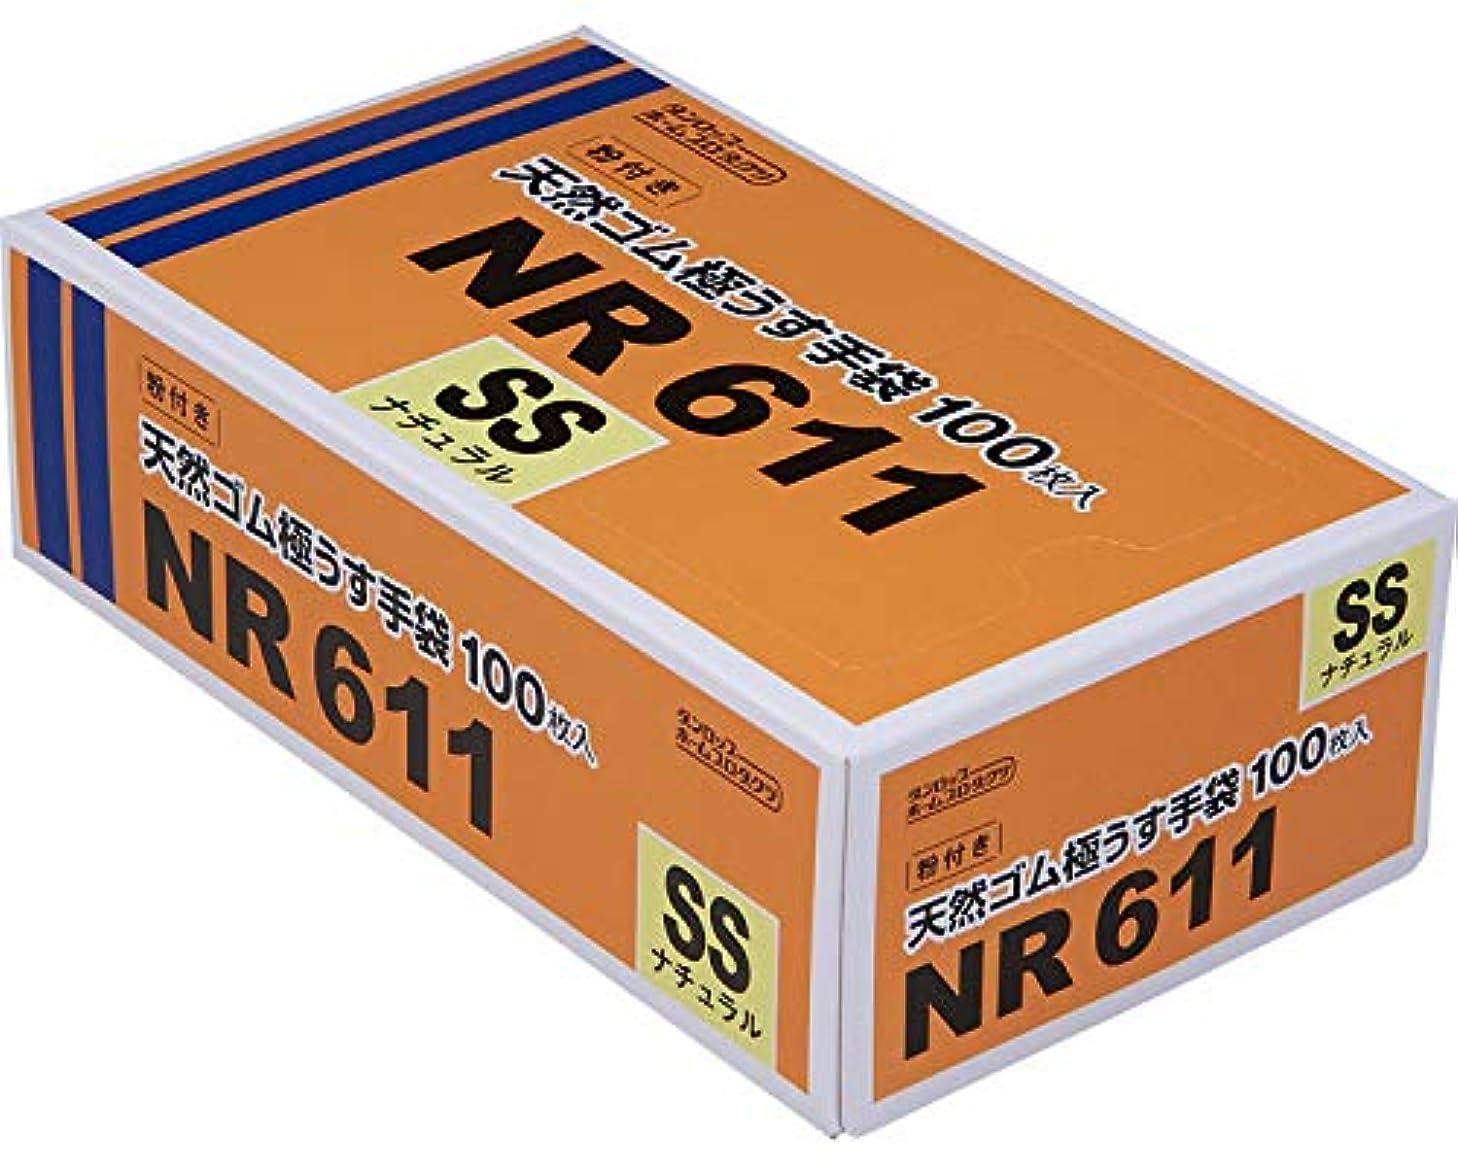 ユーモラス彫る手【ダンロップ】粉付天然ゴム極うす手袋ナチュラル(20箱入)NR611 (1ケース, SSサイズ)